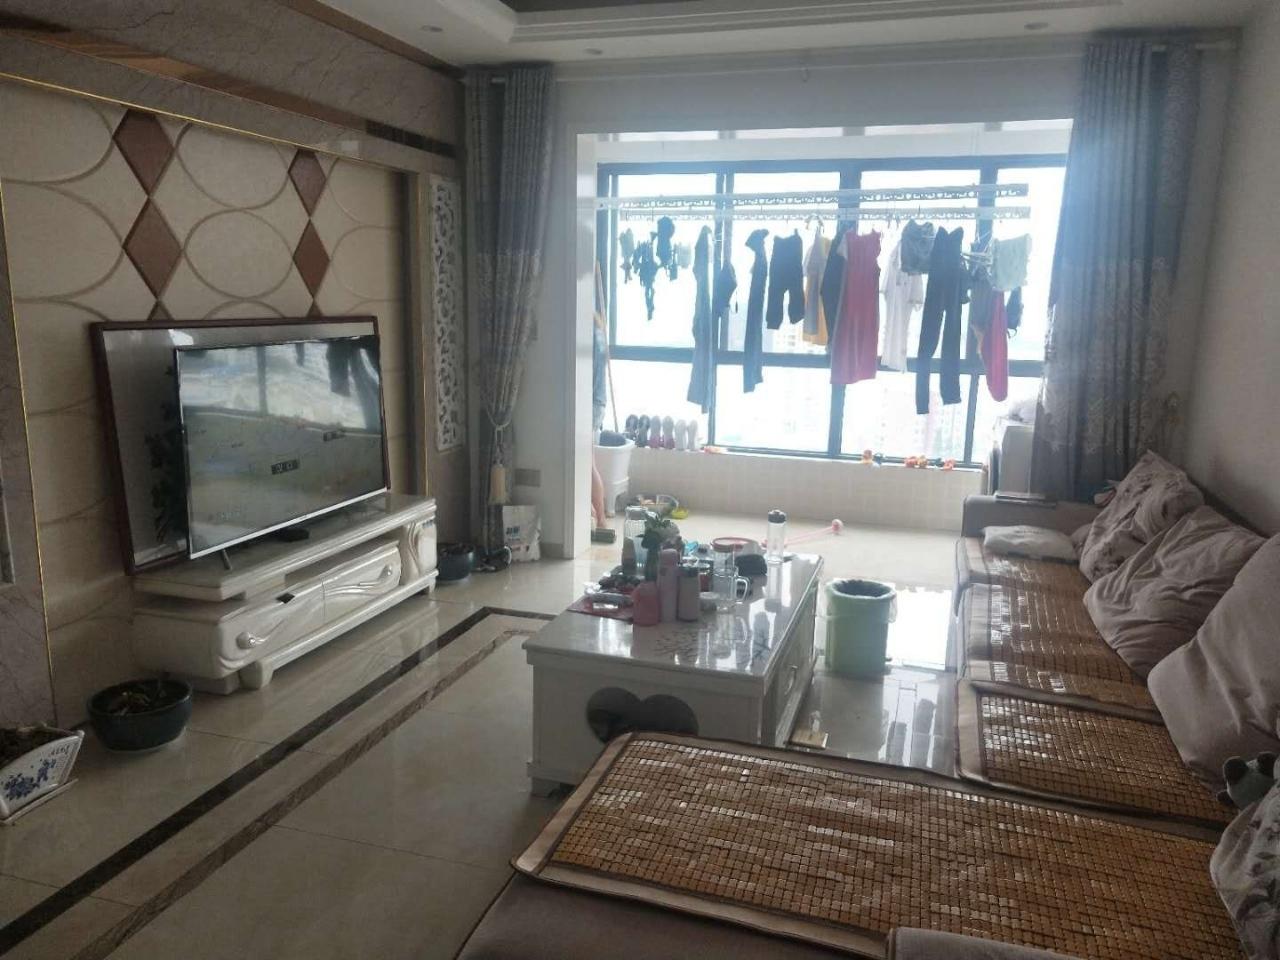 摩尔城急售3室2厅1卫精装仅需72.8万元